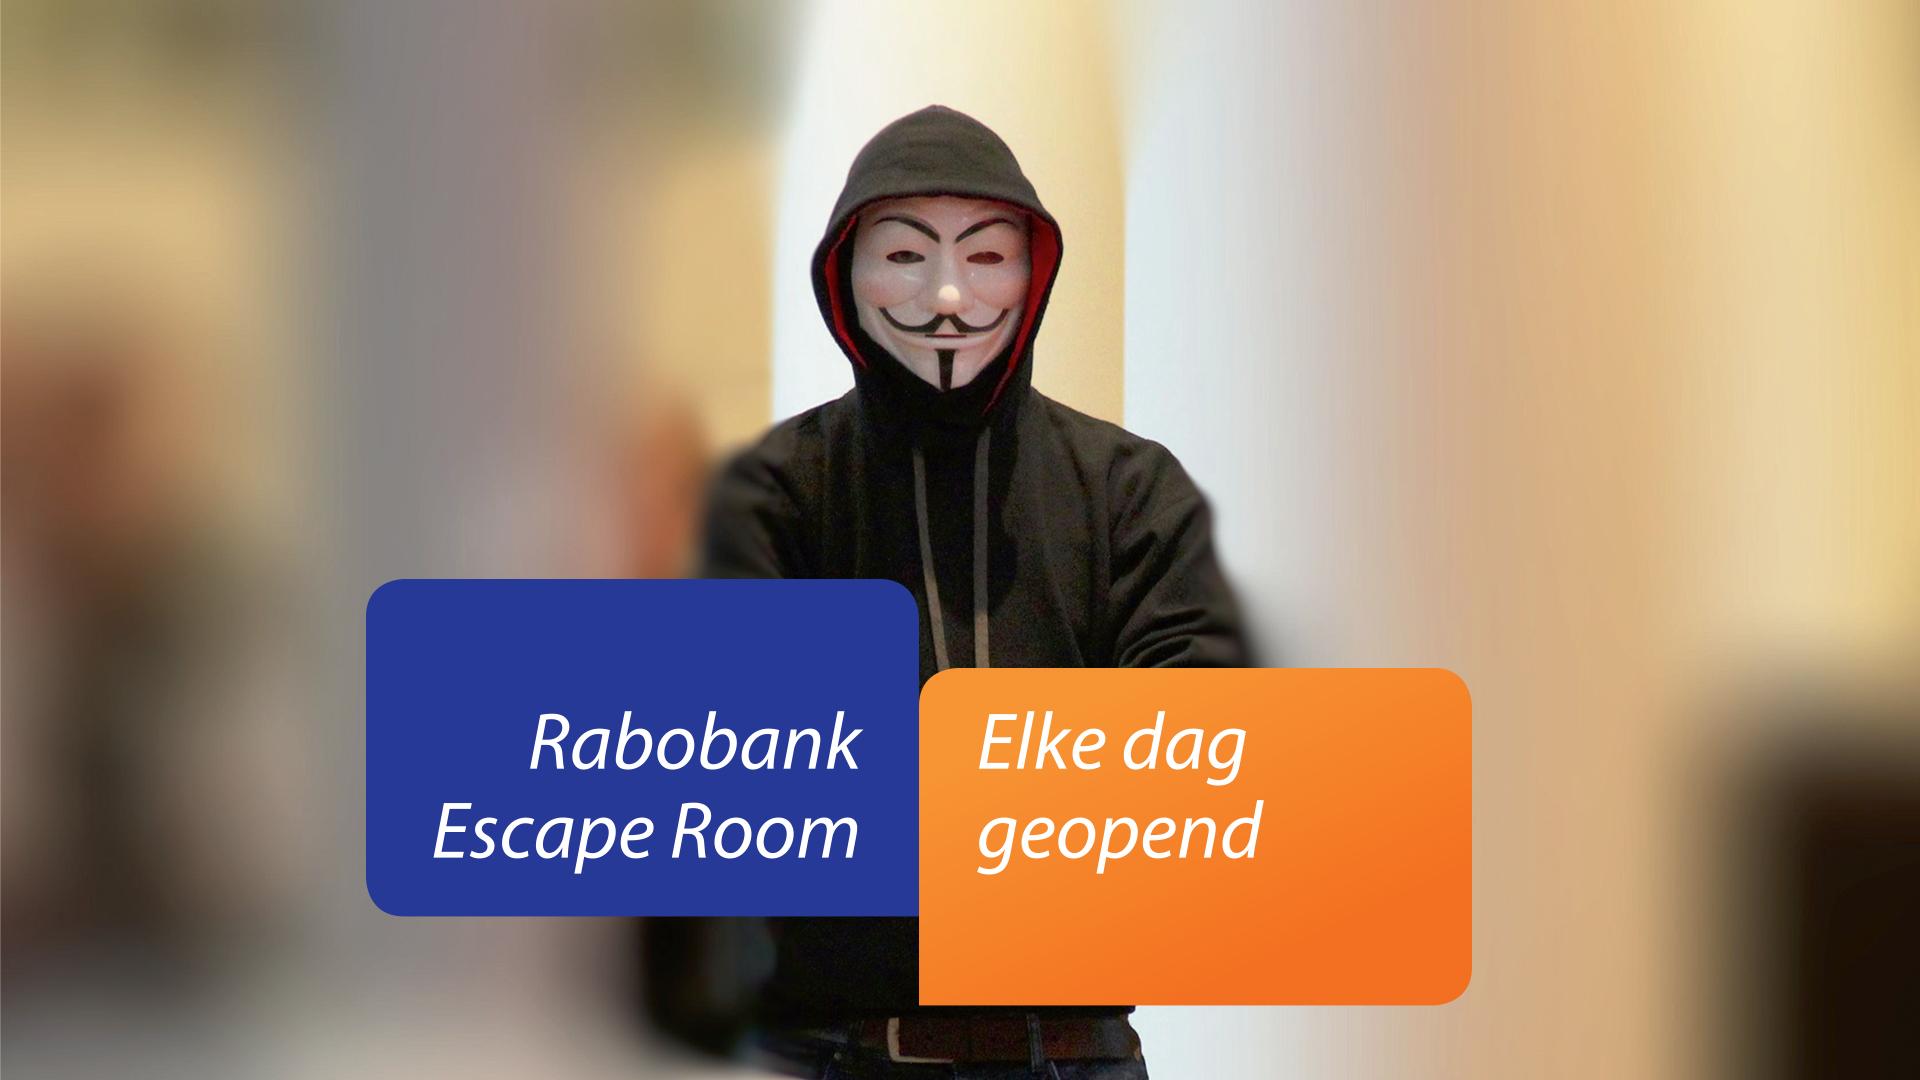 Rabobank Escape Room